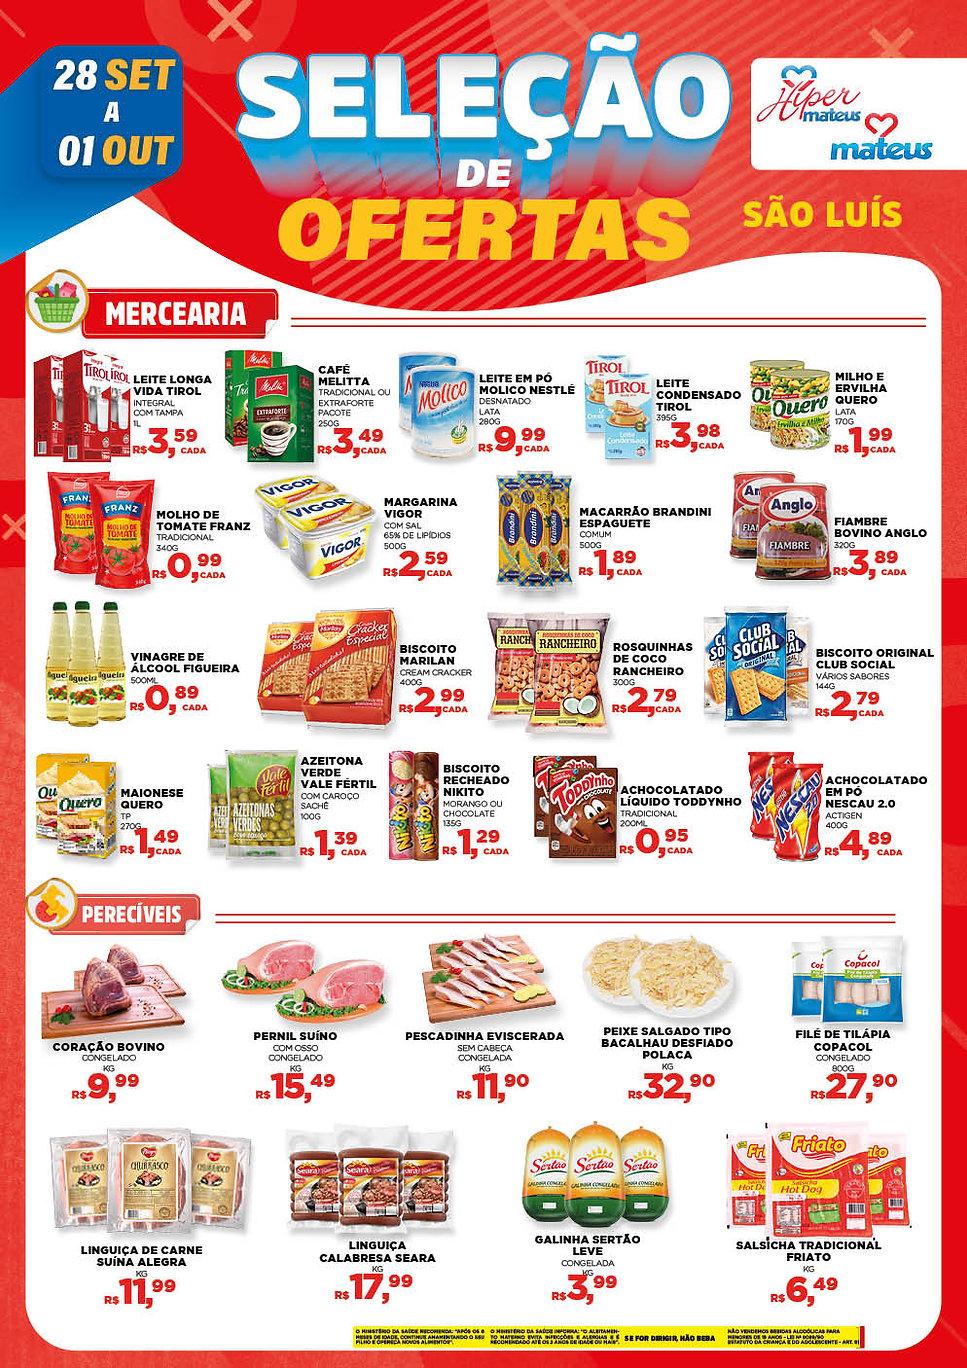 Encarte_Seleção_de_Ofertas__São_Luís